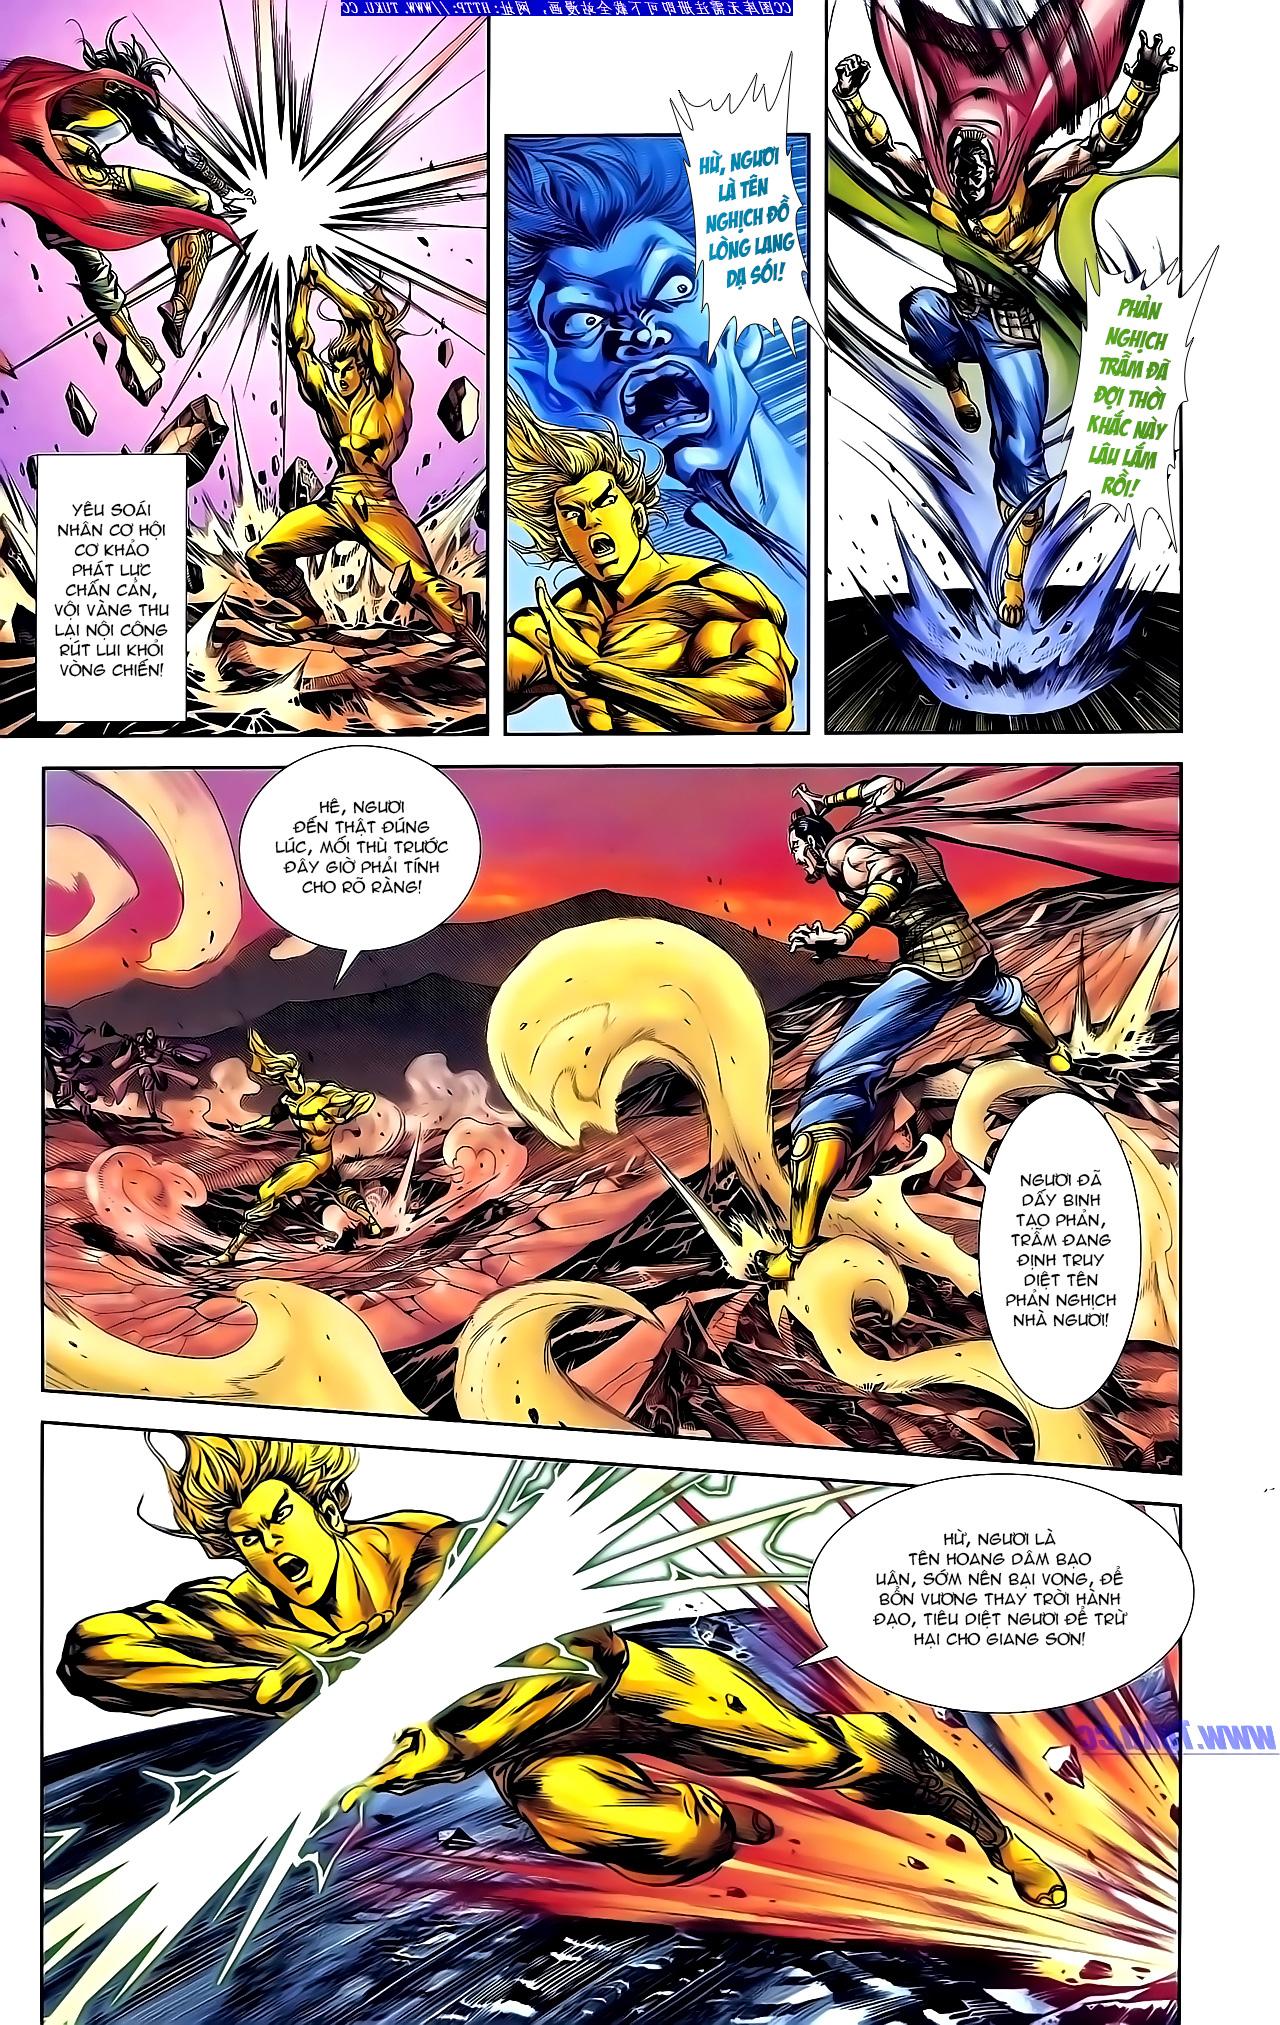 Cơ Phát Khai Chu Bản chapter 147 trang 5